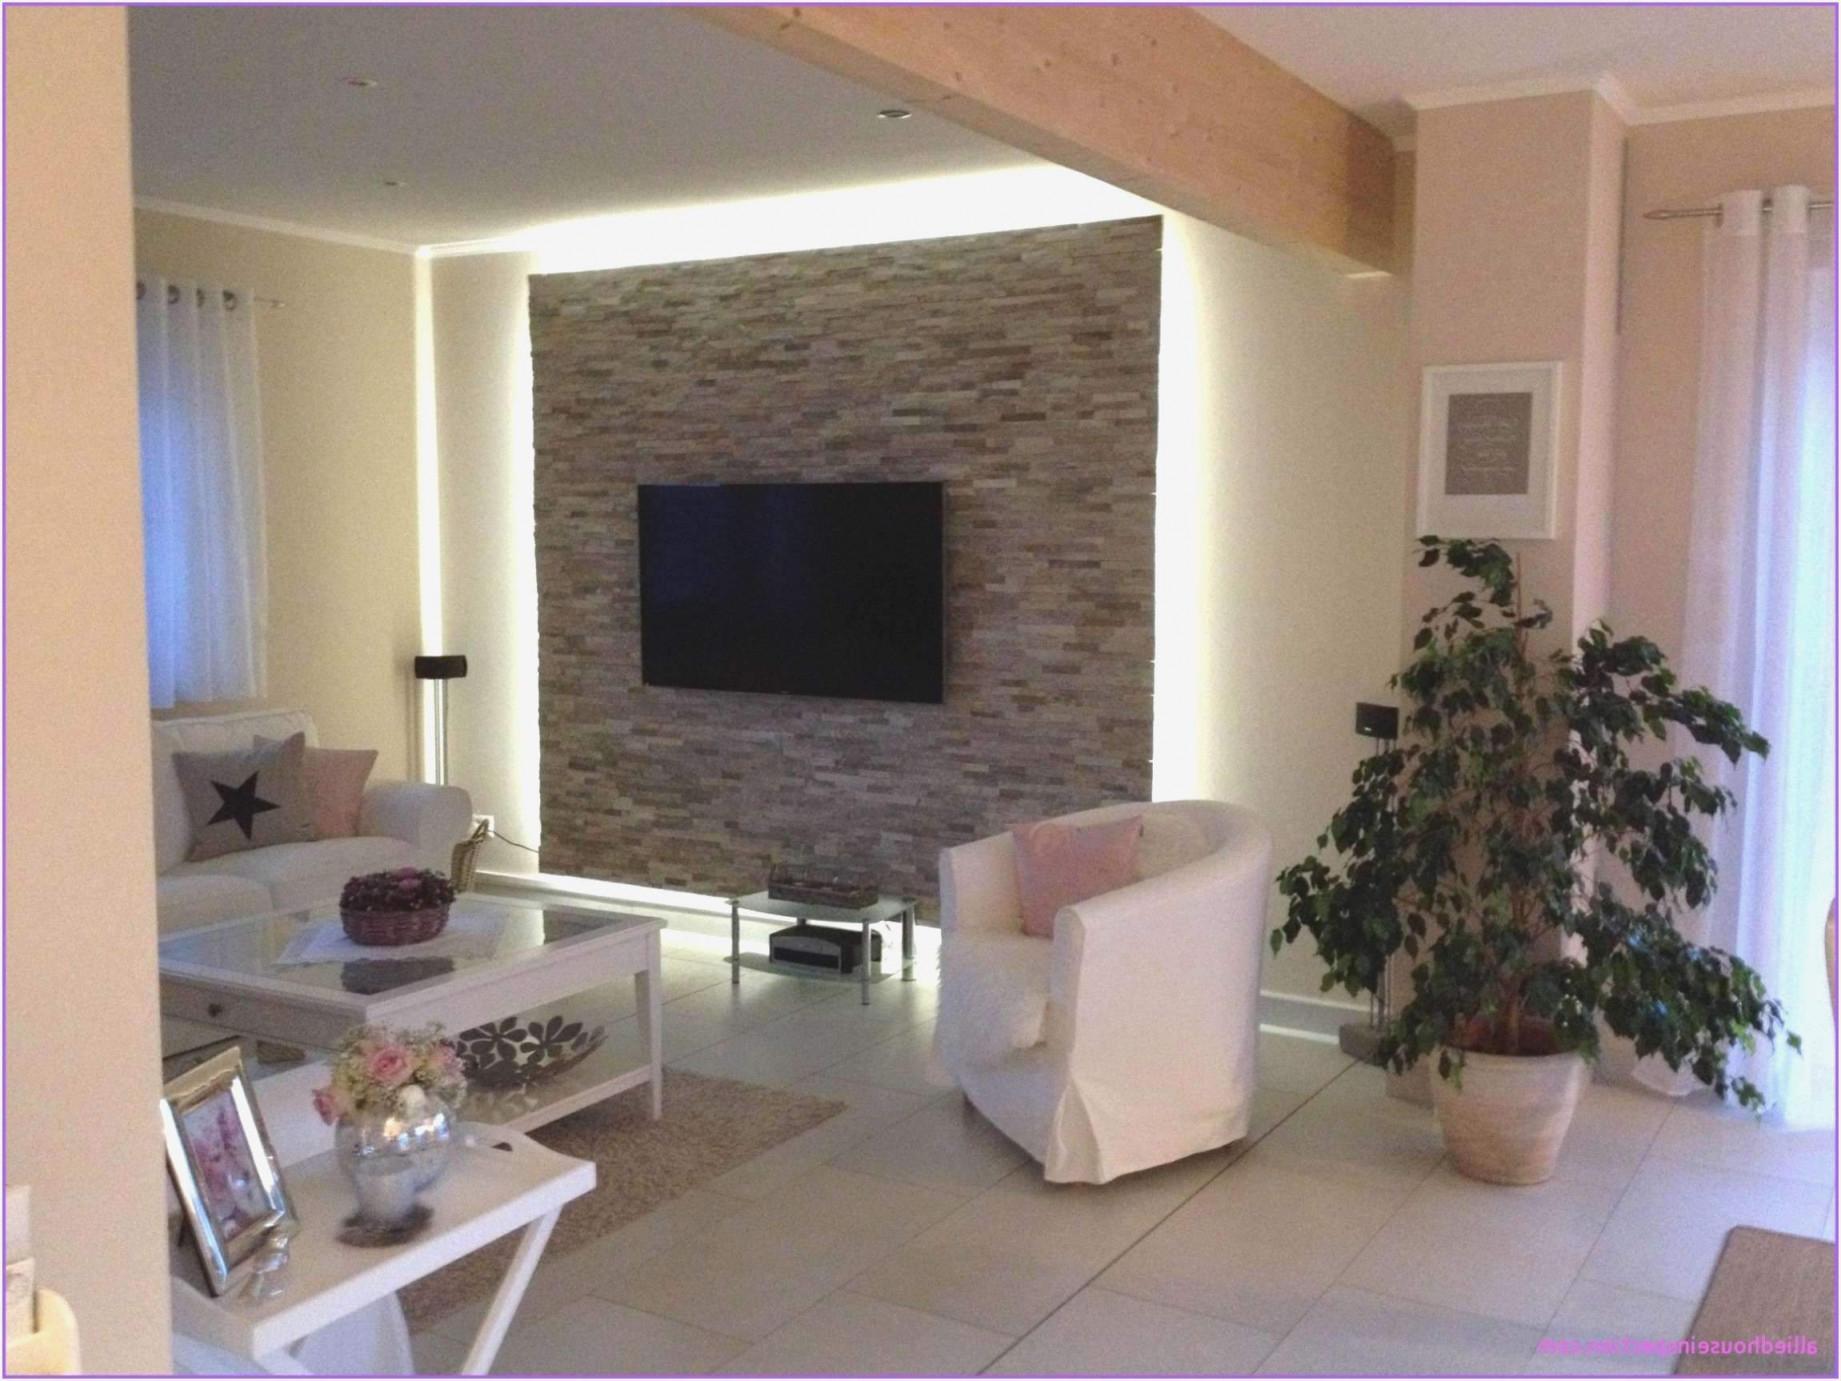 31 Neu Offenes Wohnzimmer Inspirierend  Wohnzimmer Frisch von Offenes Wohnzimmer Einrichten Bild